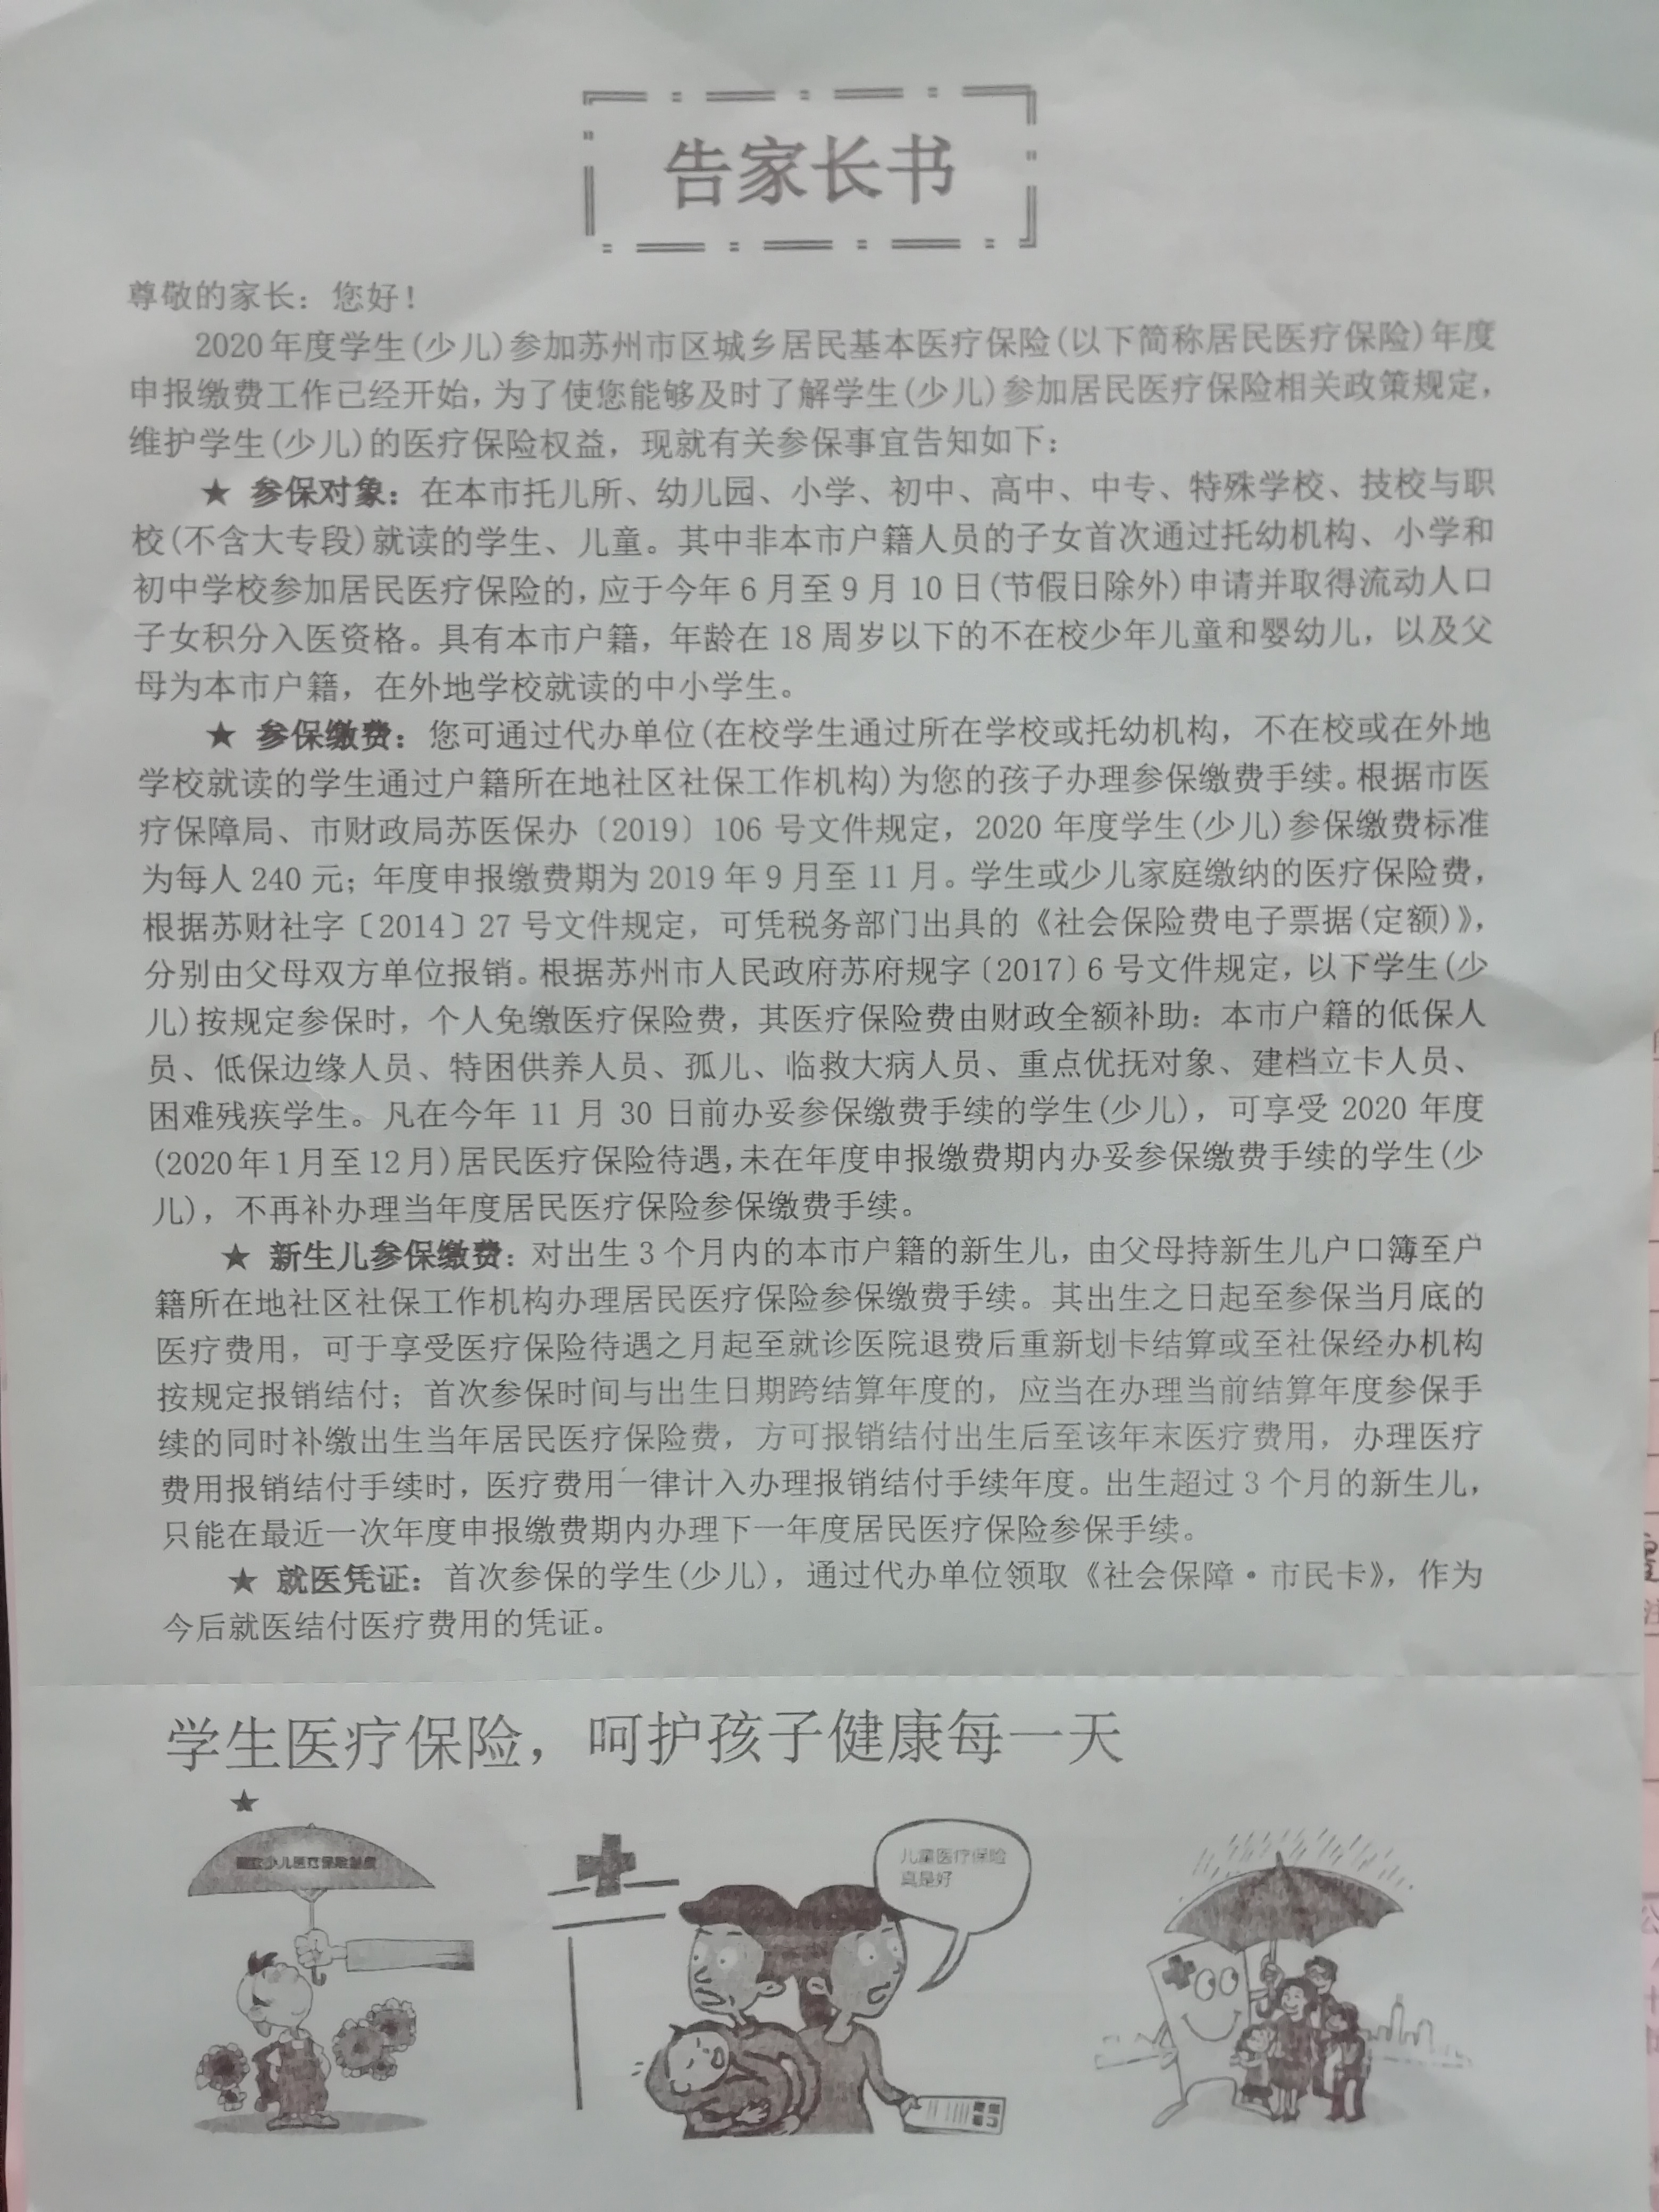 收费告家长书挂网站-IMG_20190927_082728